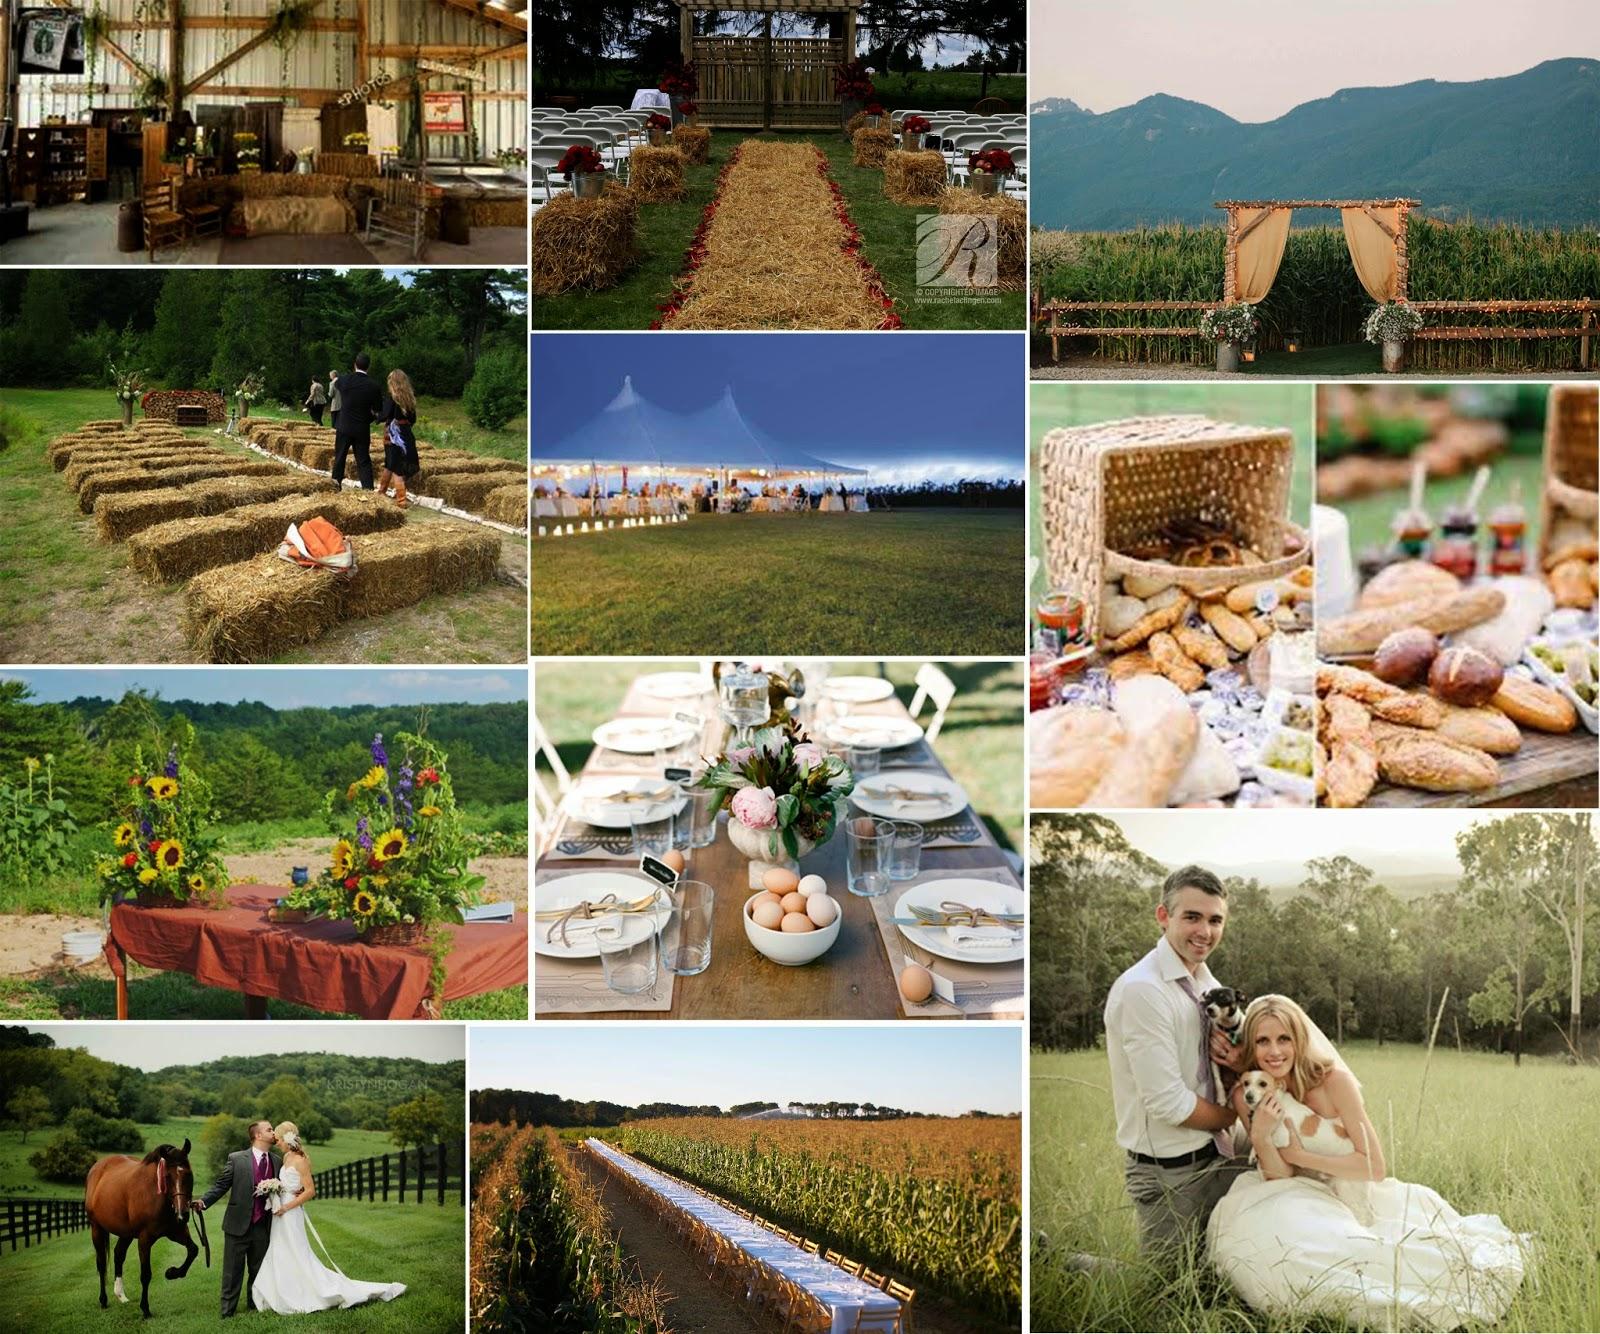 Prom Dress: Best Ideas For A Farm Wedding